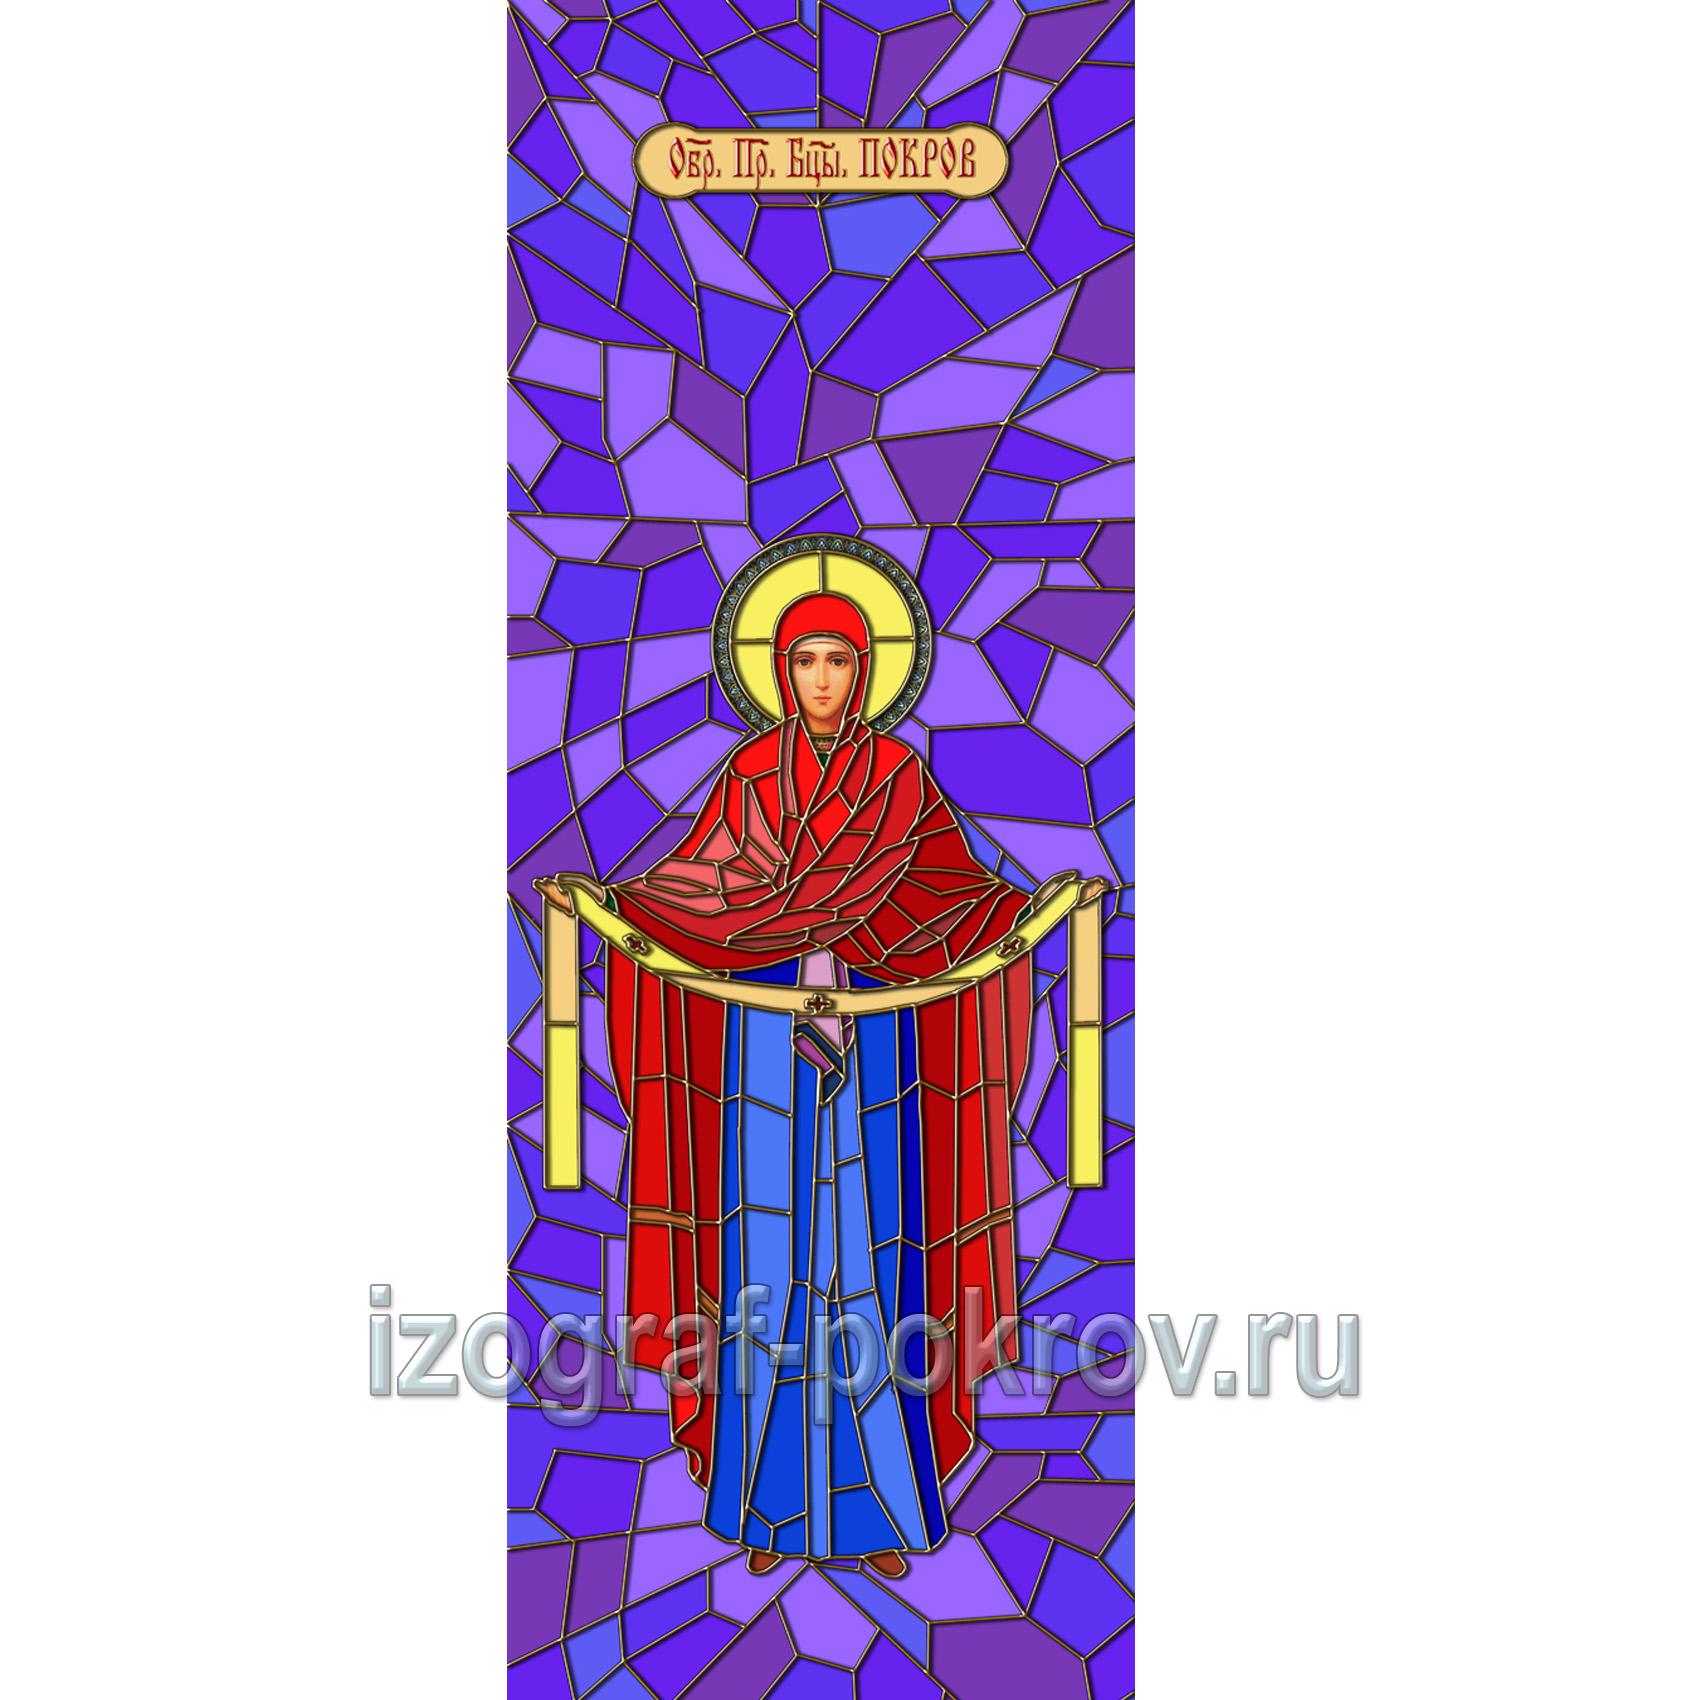 Покров Пресвятой Богородицы - макет витража на сиреневом фоне